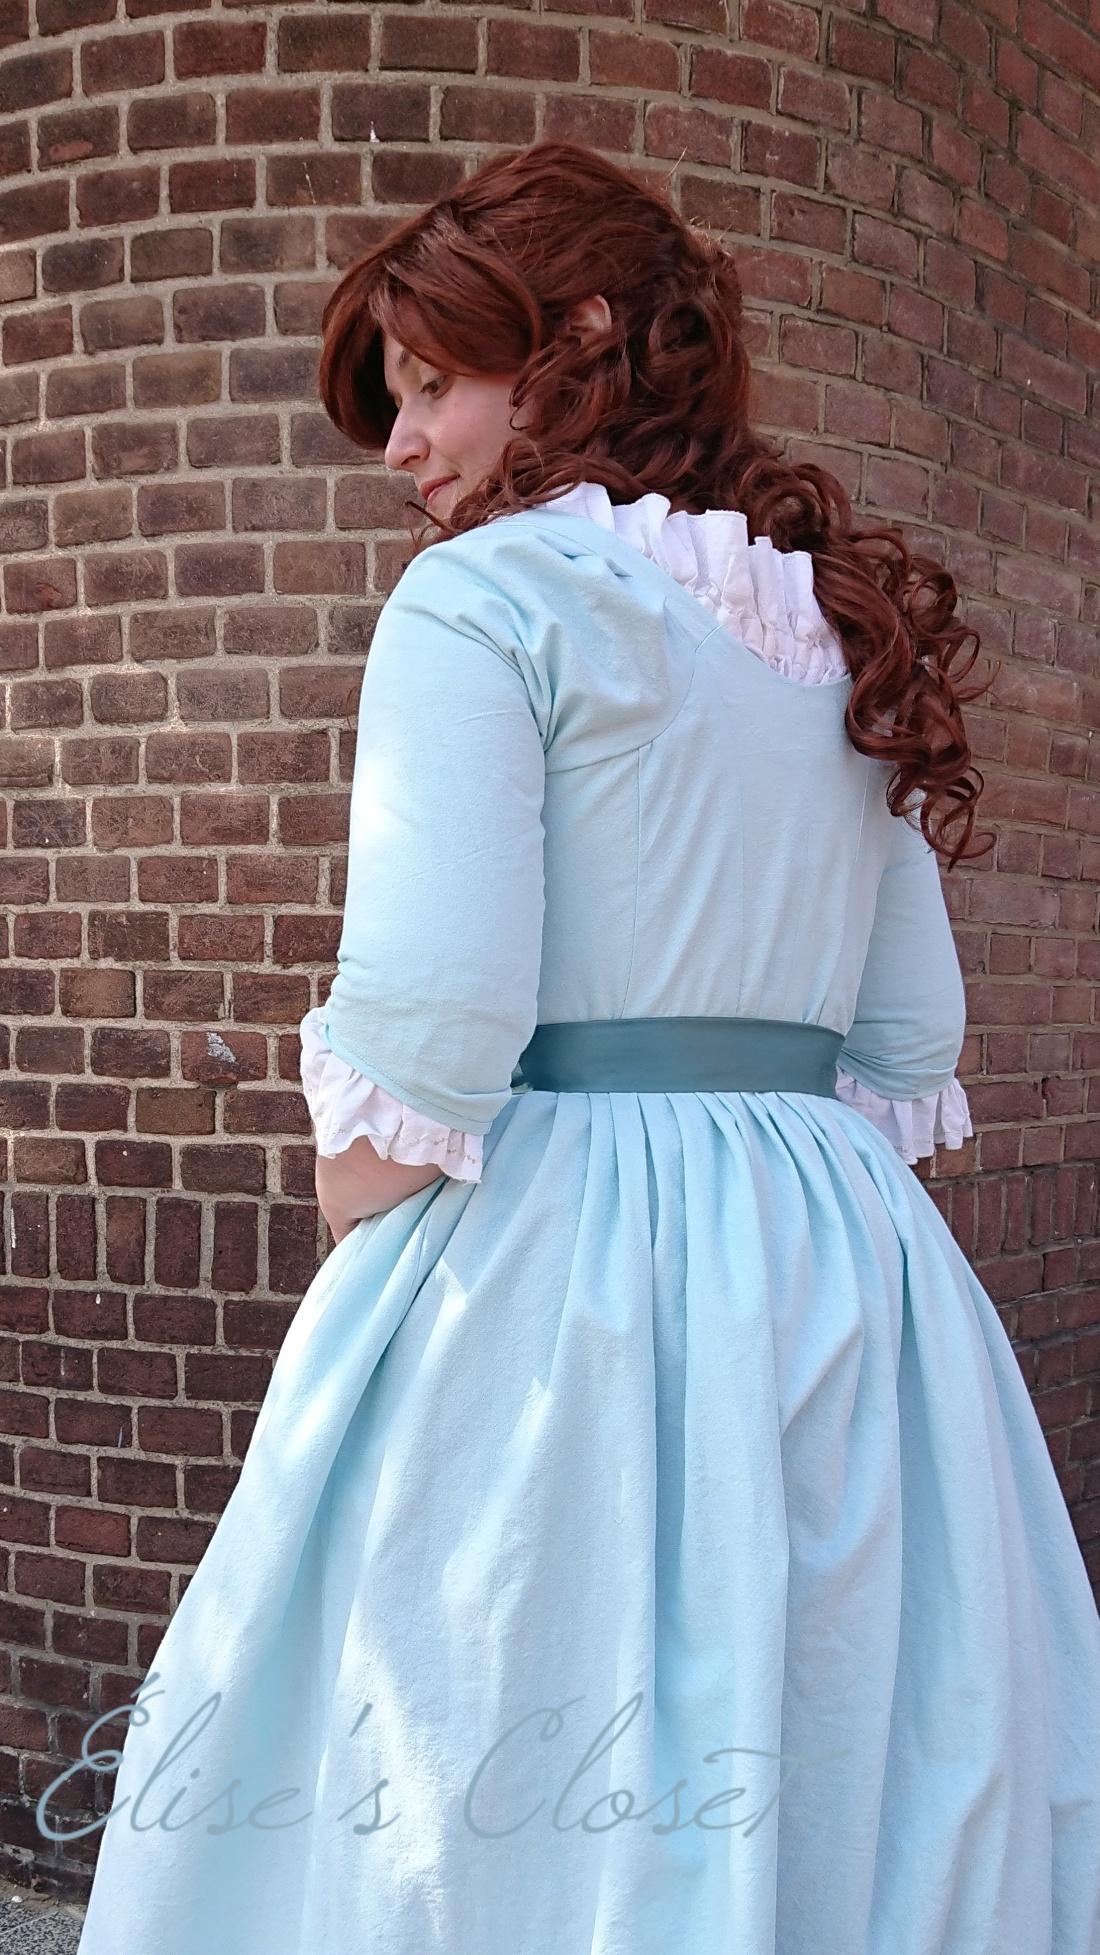 The Blue Linen Dress Elise S Closet